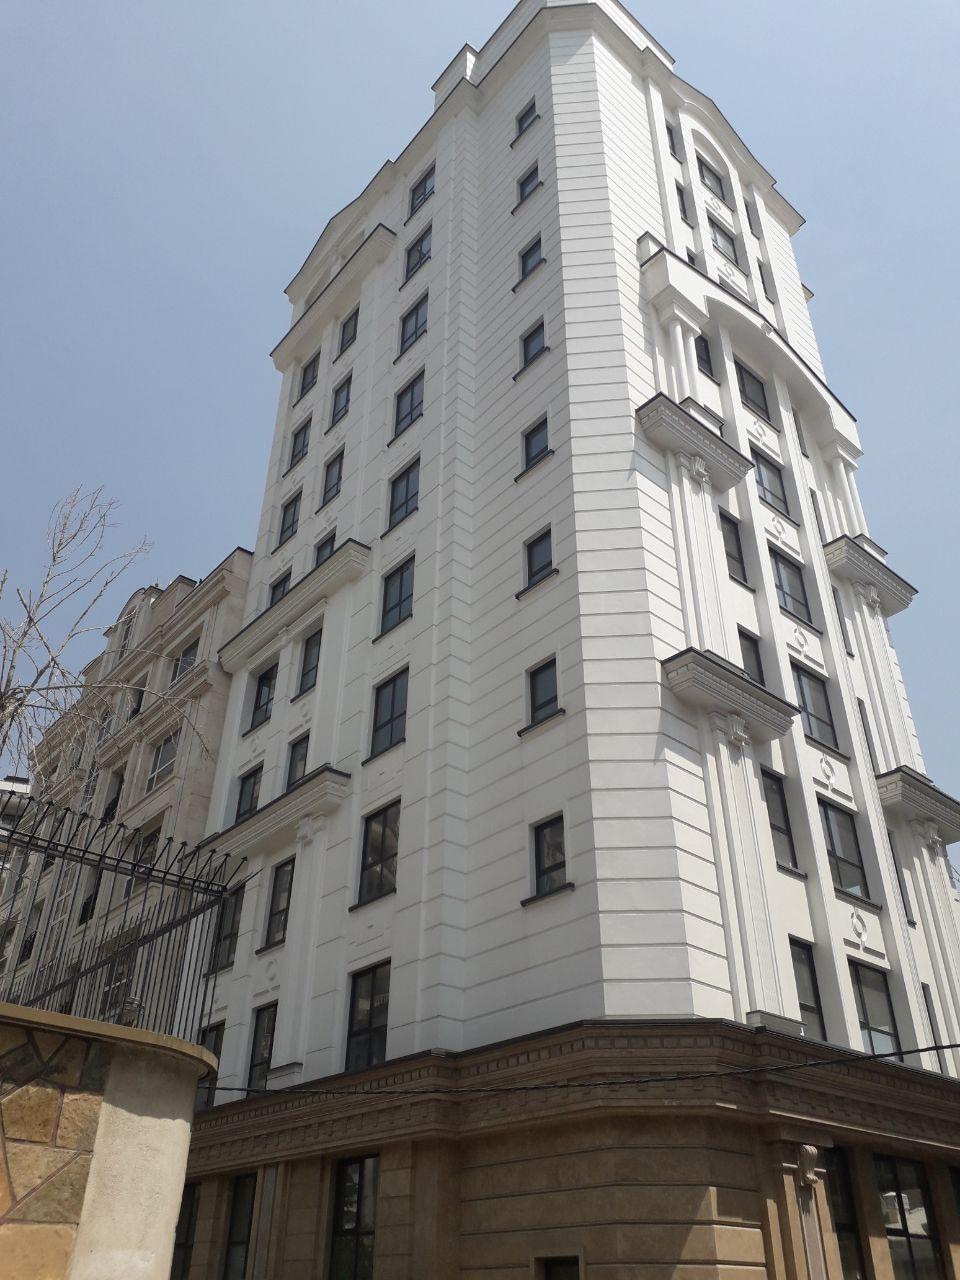 فروش رنگ کنیتکس ساختمان